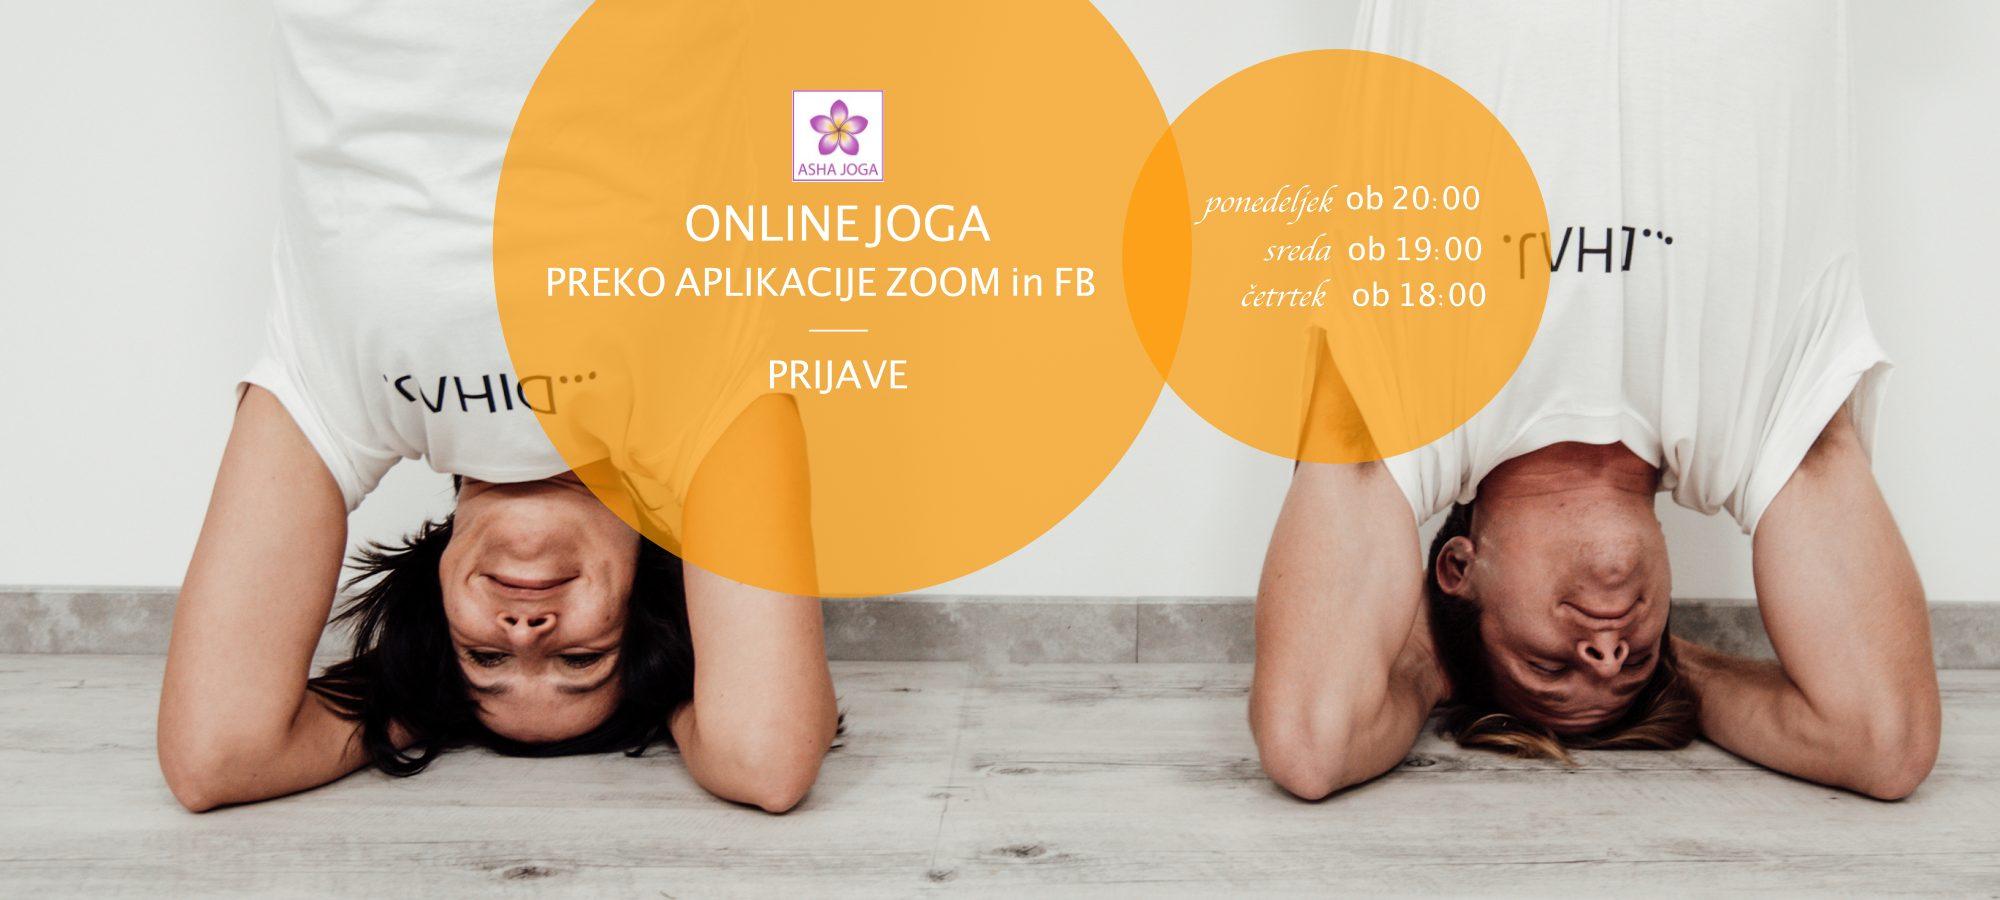 online joga